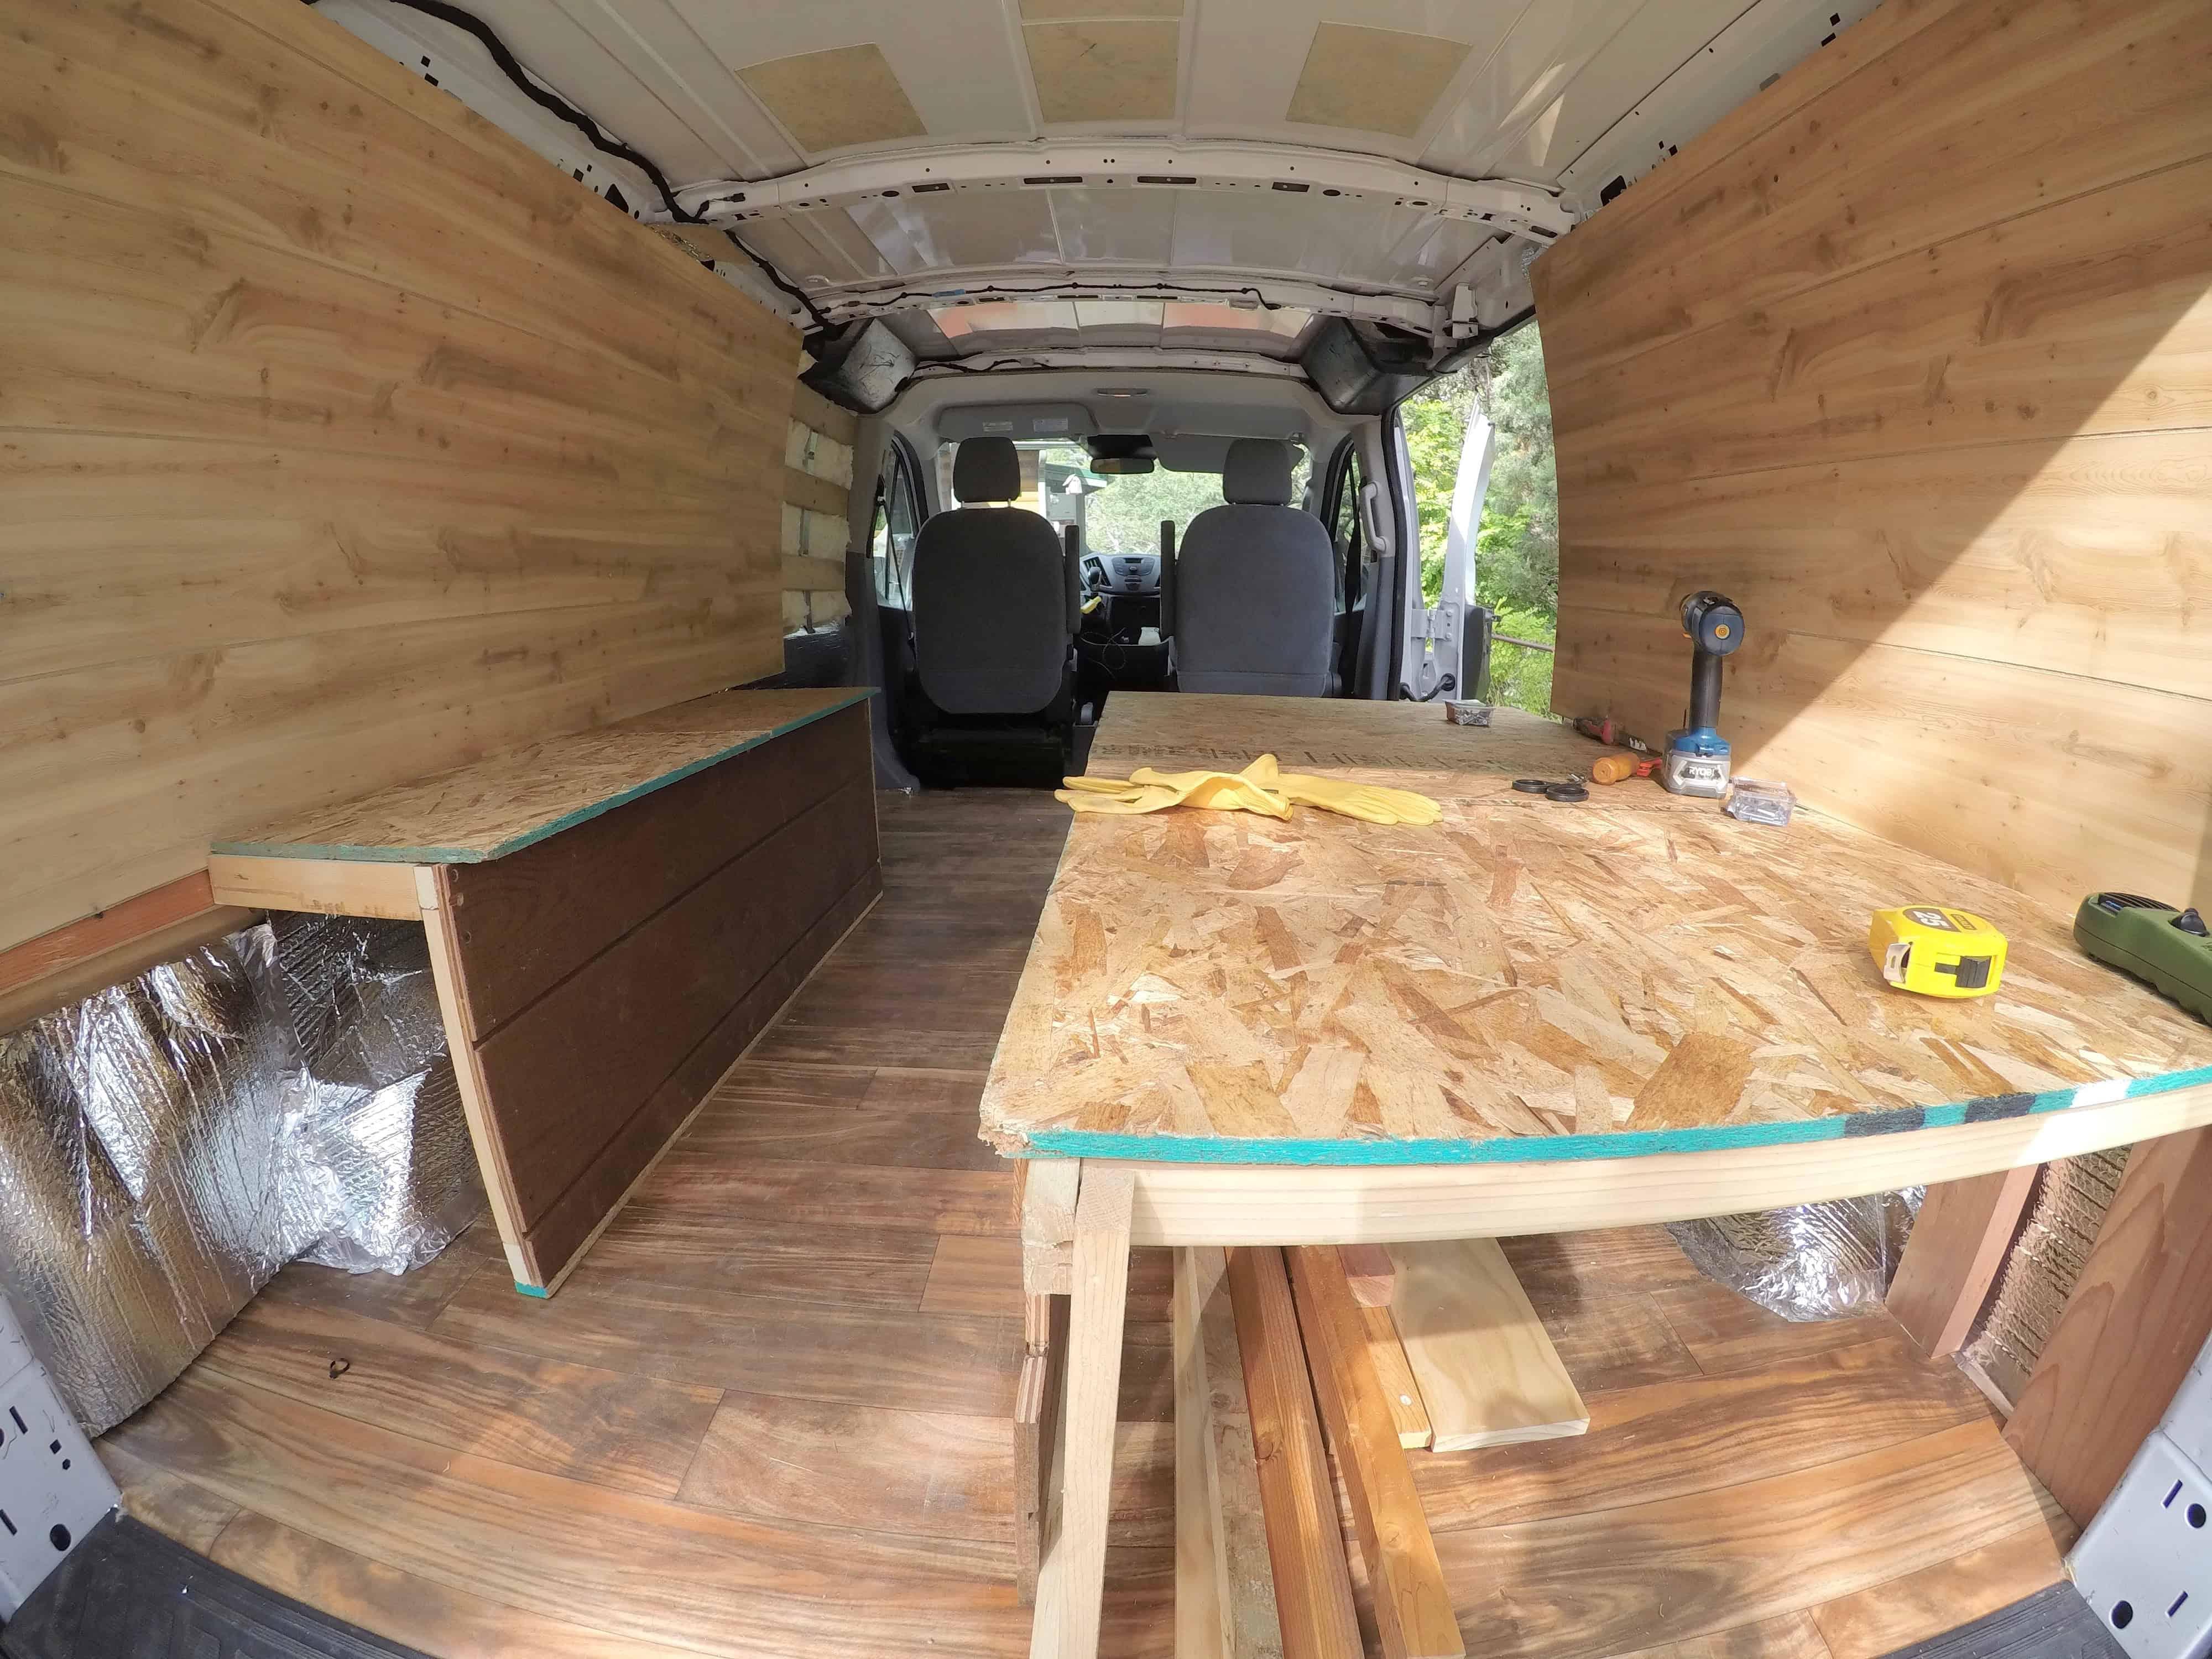 Diy Budget Van Build How I Converted A Cargo Van Into A Camper For